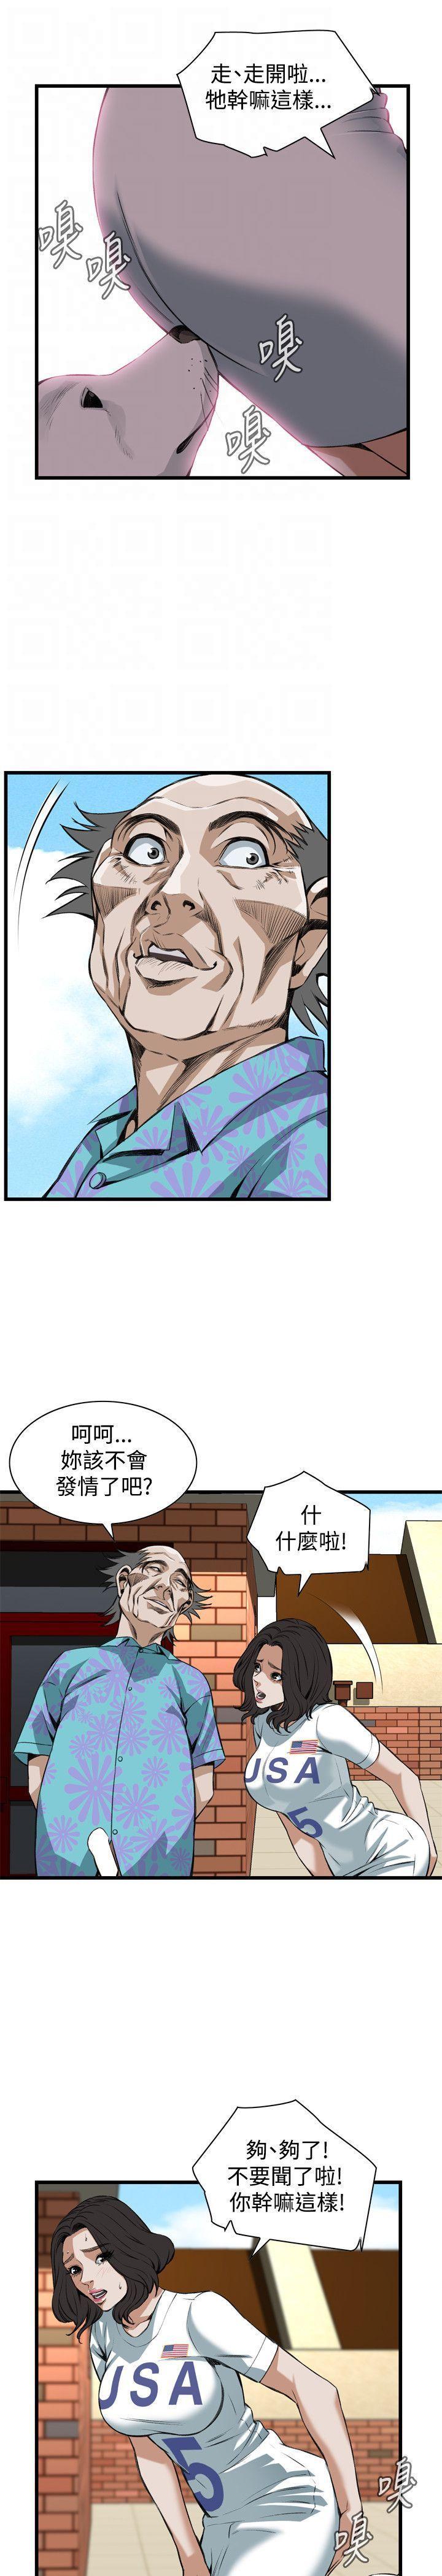 偷窥72-93 Chinese Rsiky 179